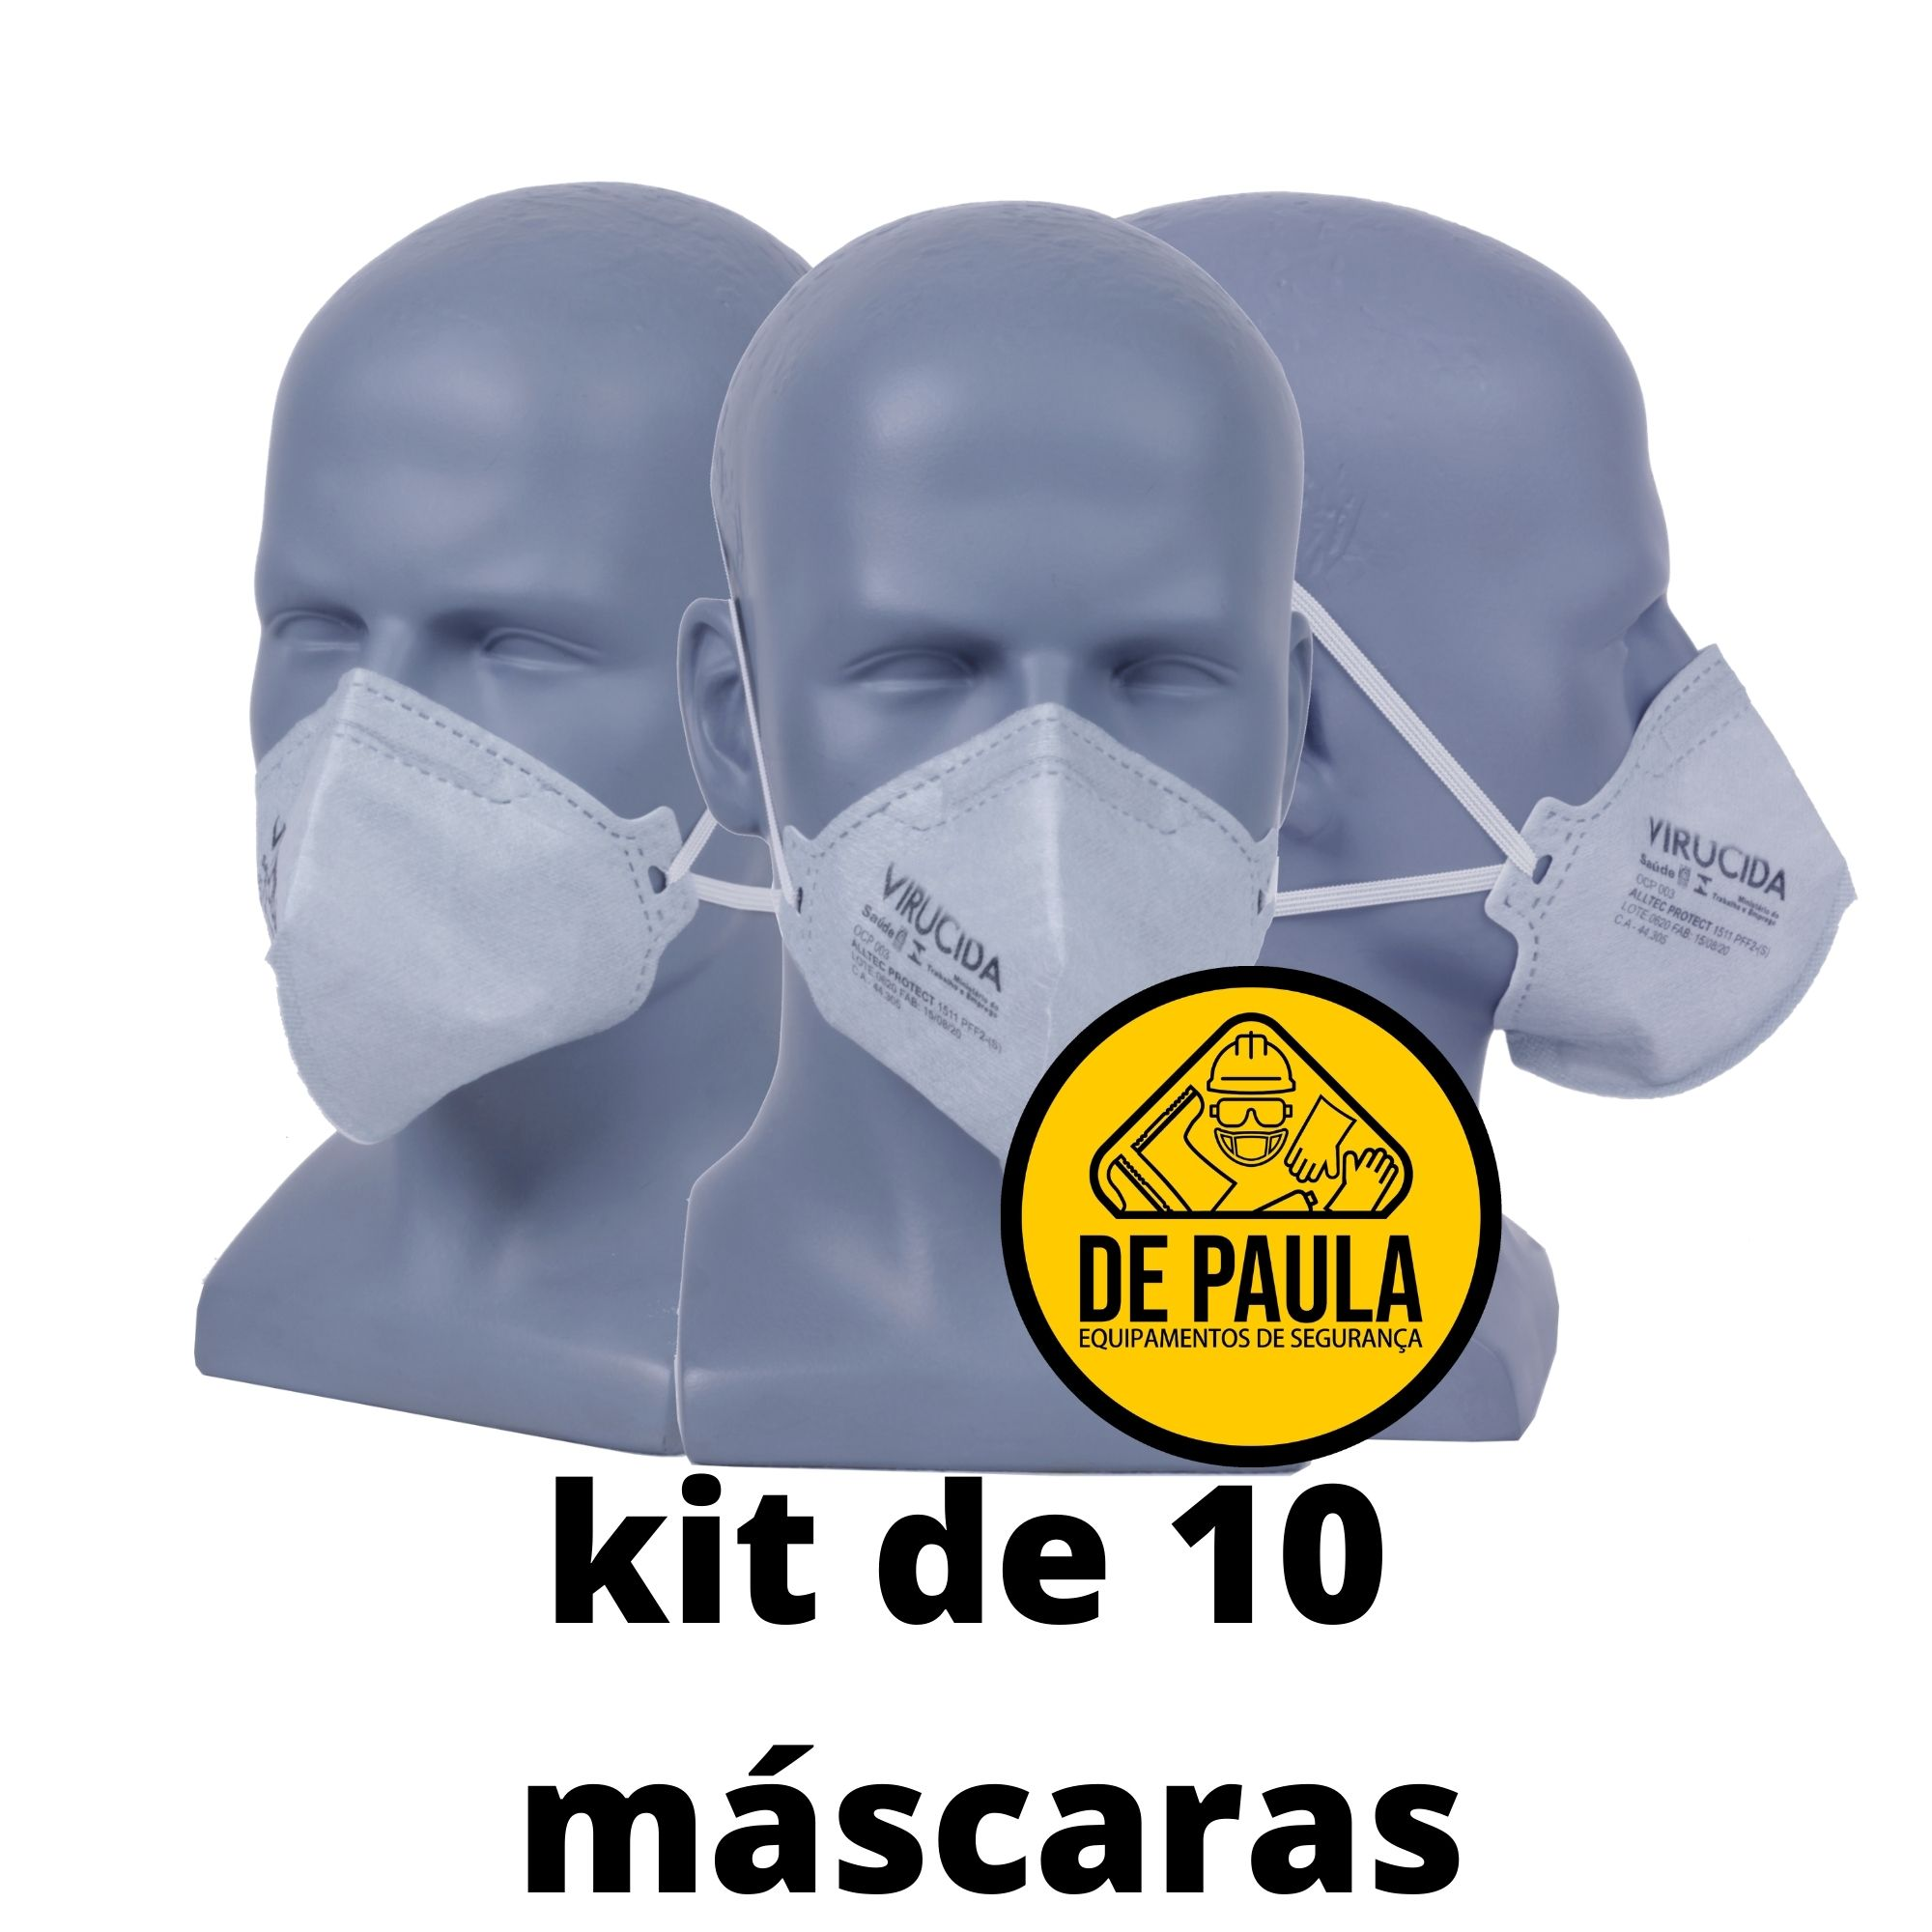 Kit de 10 unid - RESPIRADOR VIRUCIDA PFF2 -(S) SEM VALVULA - MASTT PROTECT ALLTEC -  CA:44.305  - DE PAULA EPI